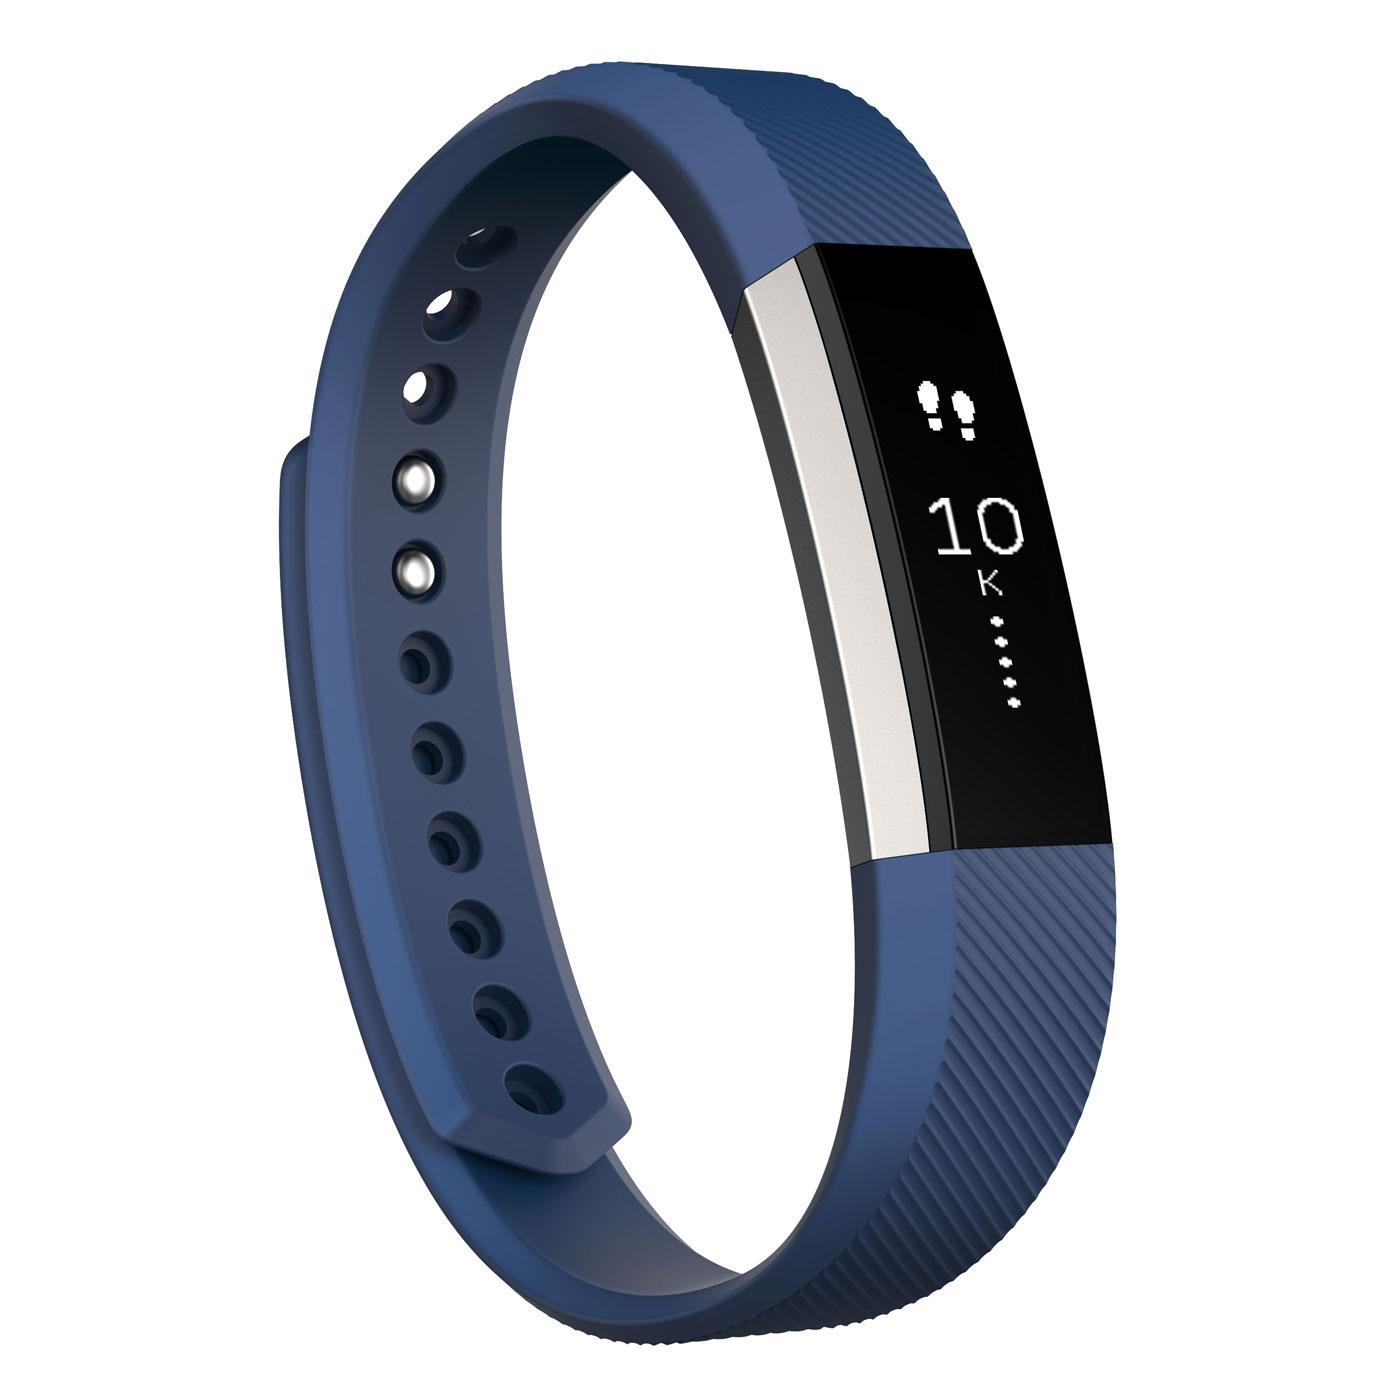 Coach électronique Fitbit Alta Bleu L Coach électronique sans fil amovible résistant à l'eau pour smartphone iOS / Android / Windows